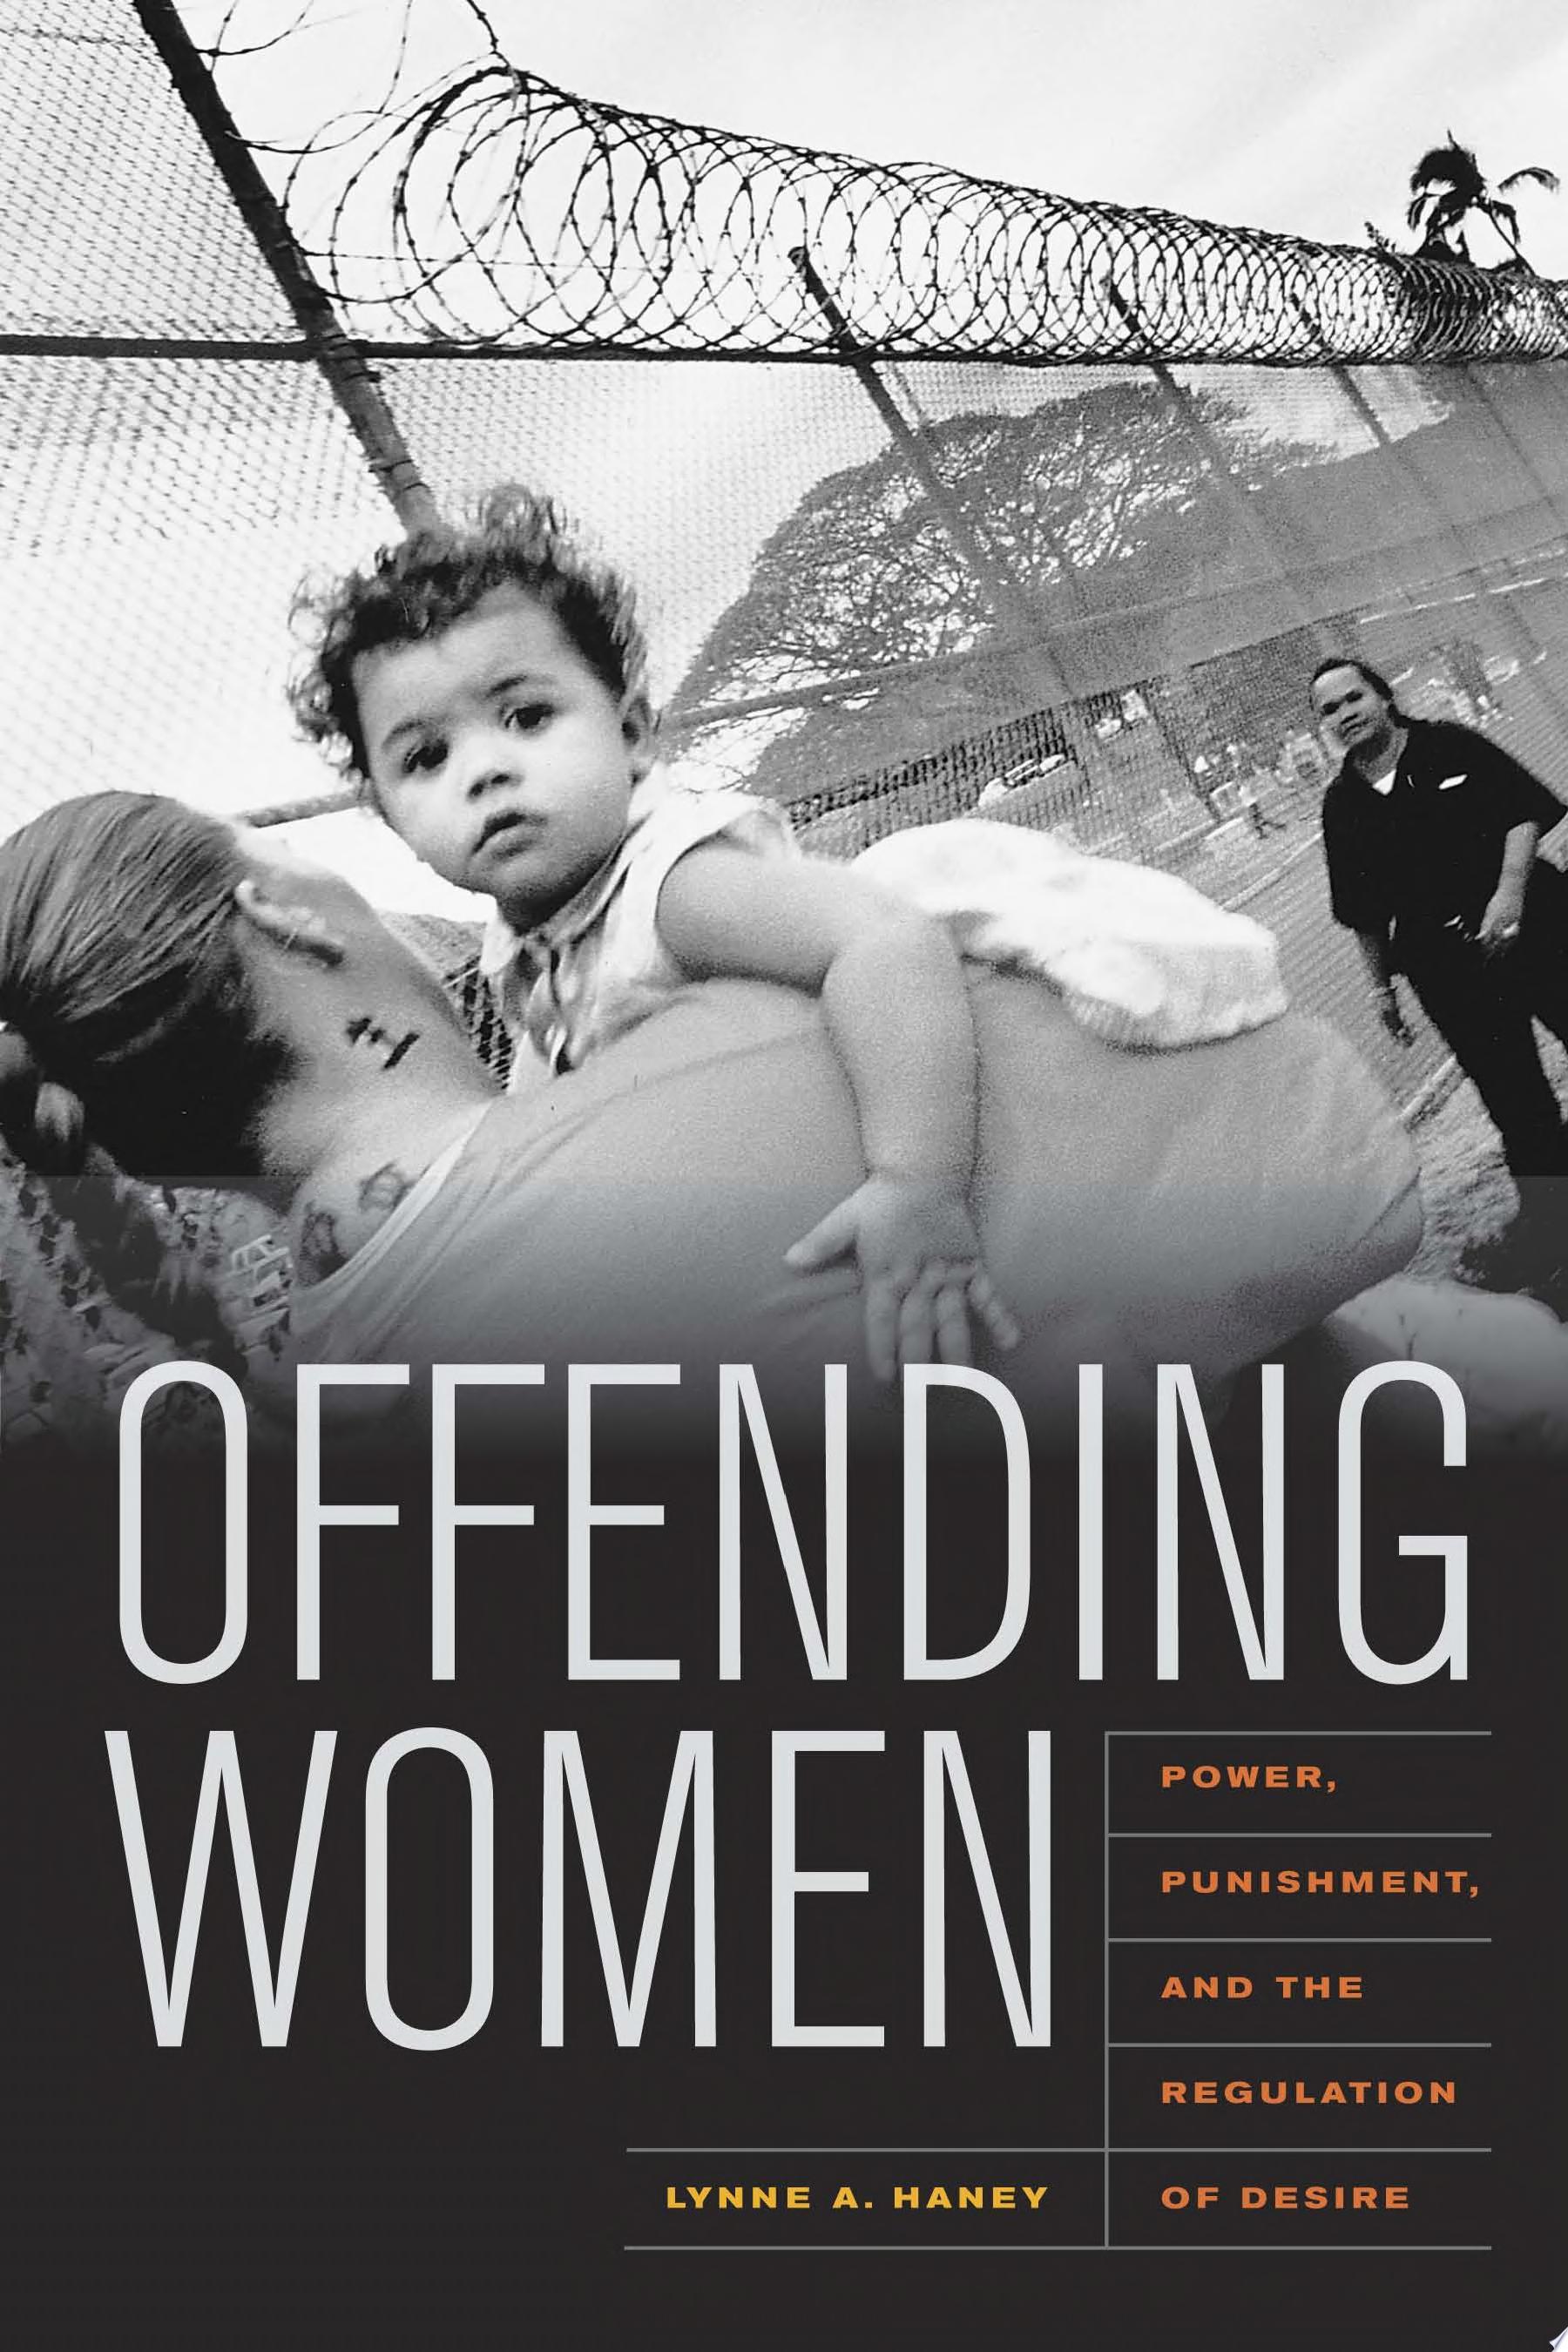 Offending Women